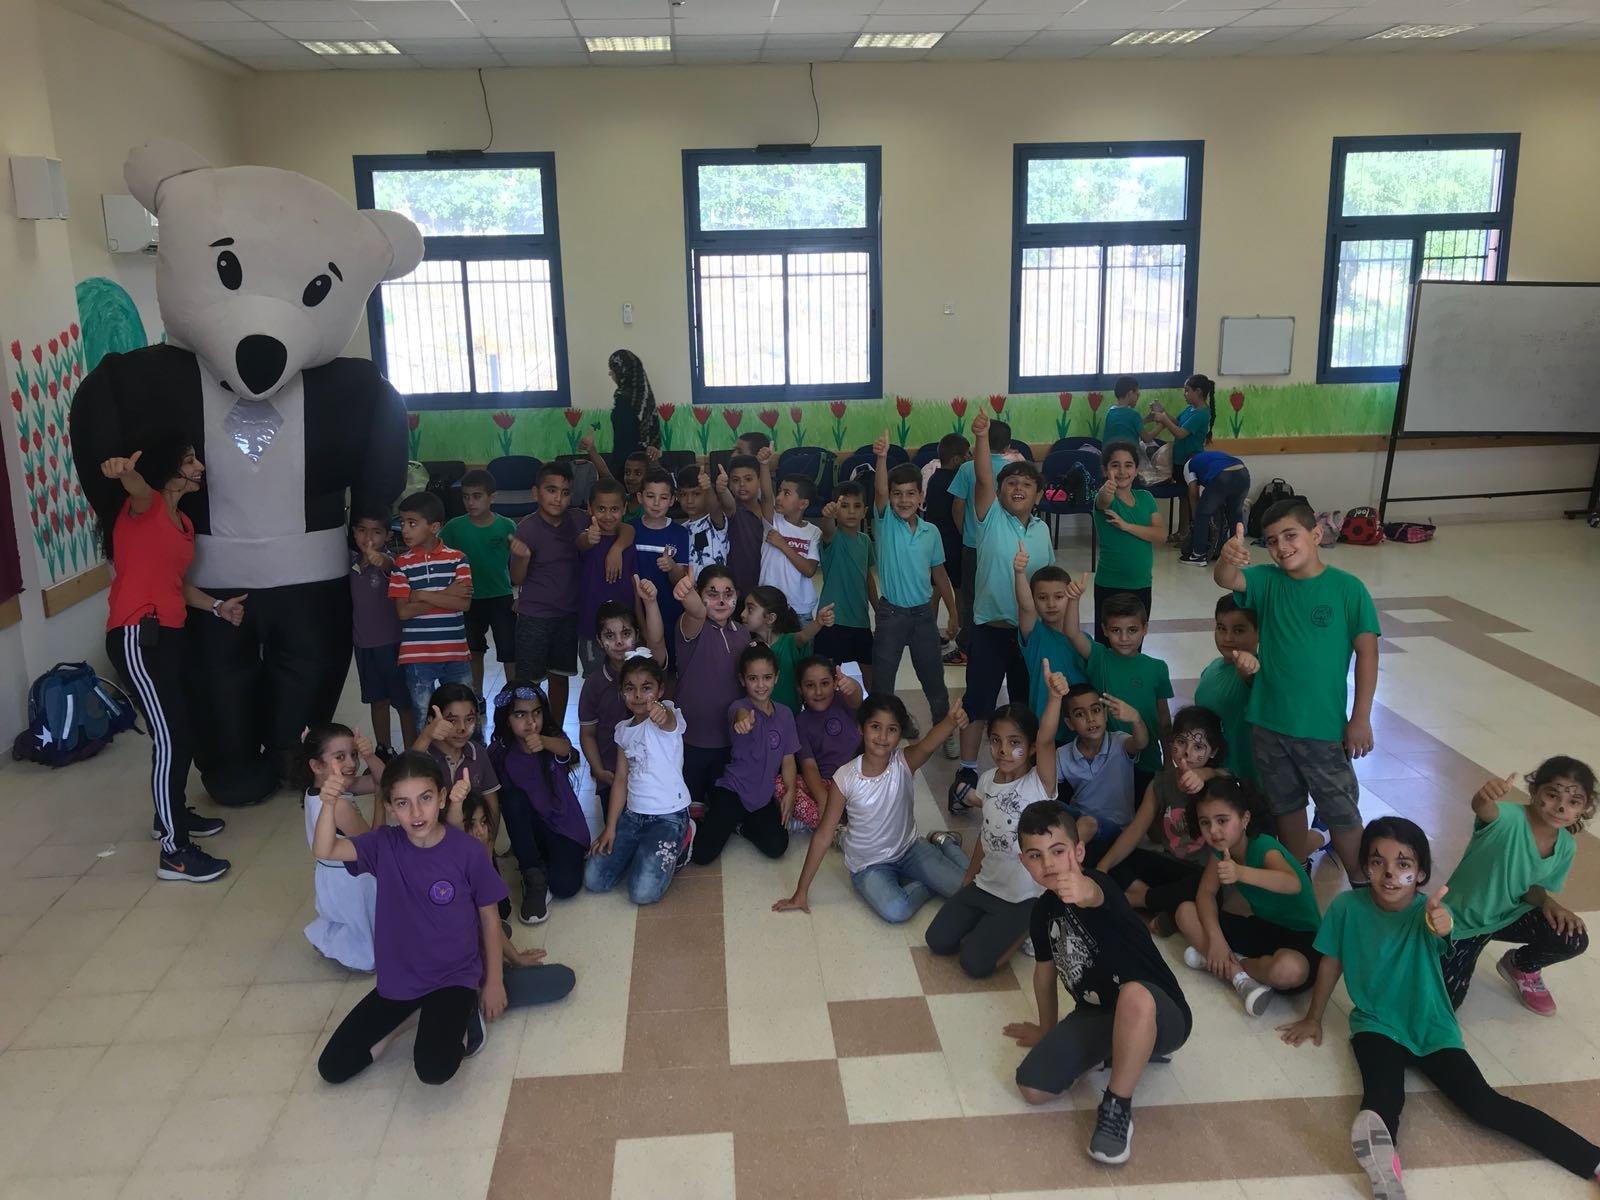 بستان المرج: اجواء مميزة بافتتاح مركز التعليم من القلب في كفر مصر